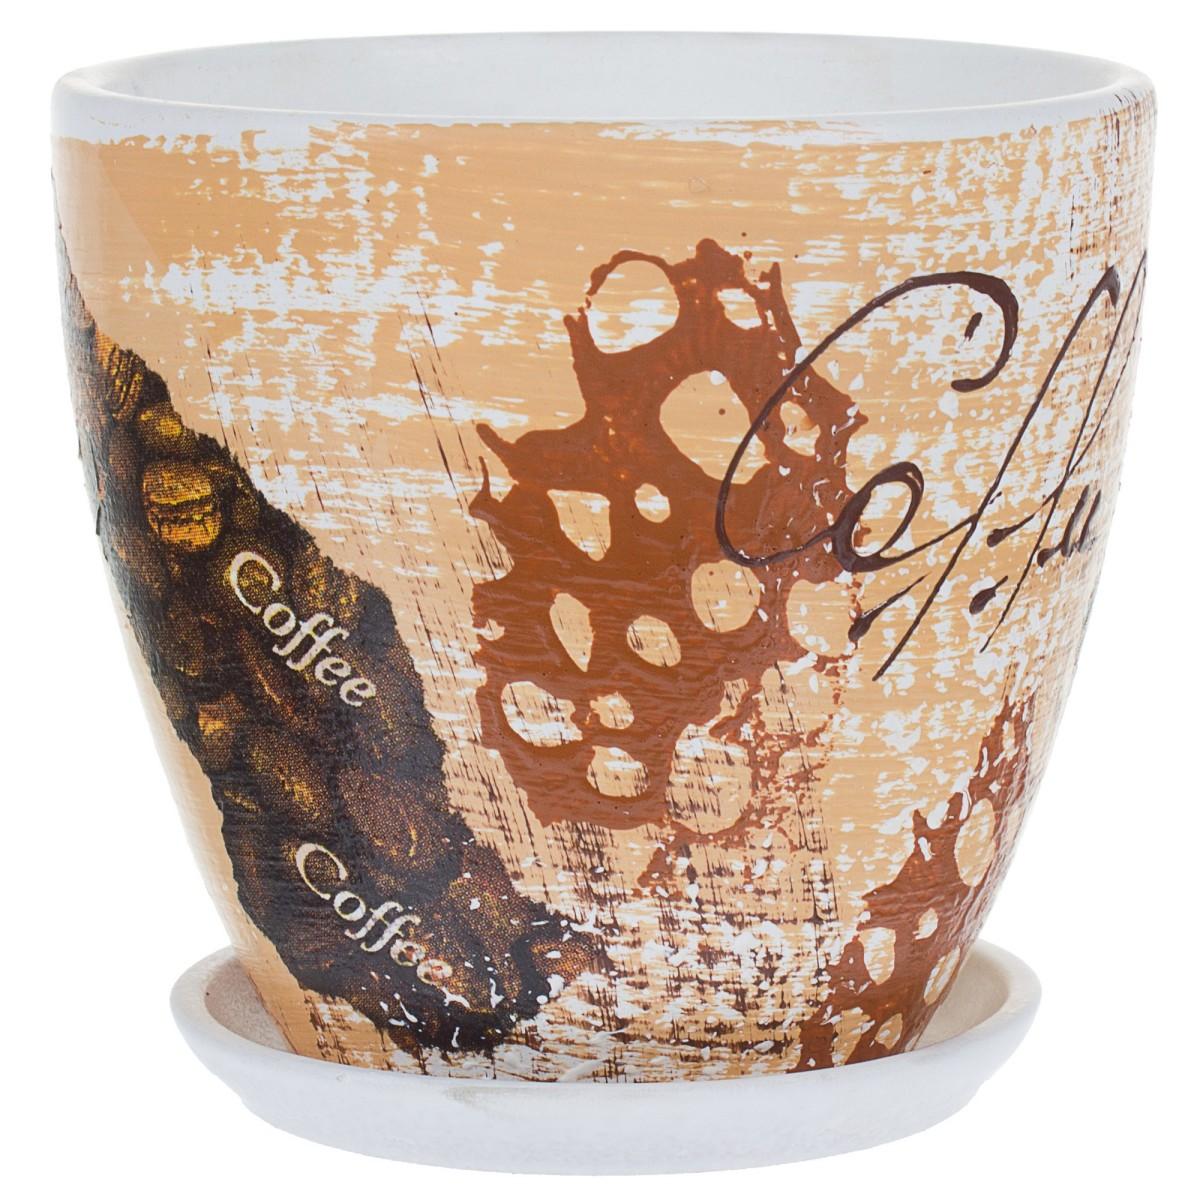 Горшок цветочный «Капучино» бежевый 0.8 л 120 мм керамика с поддоном